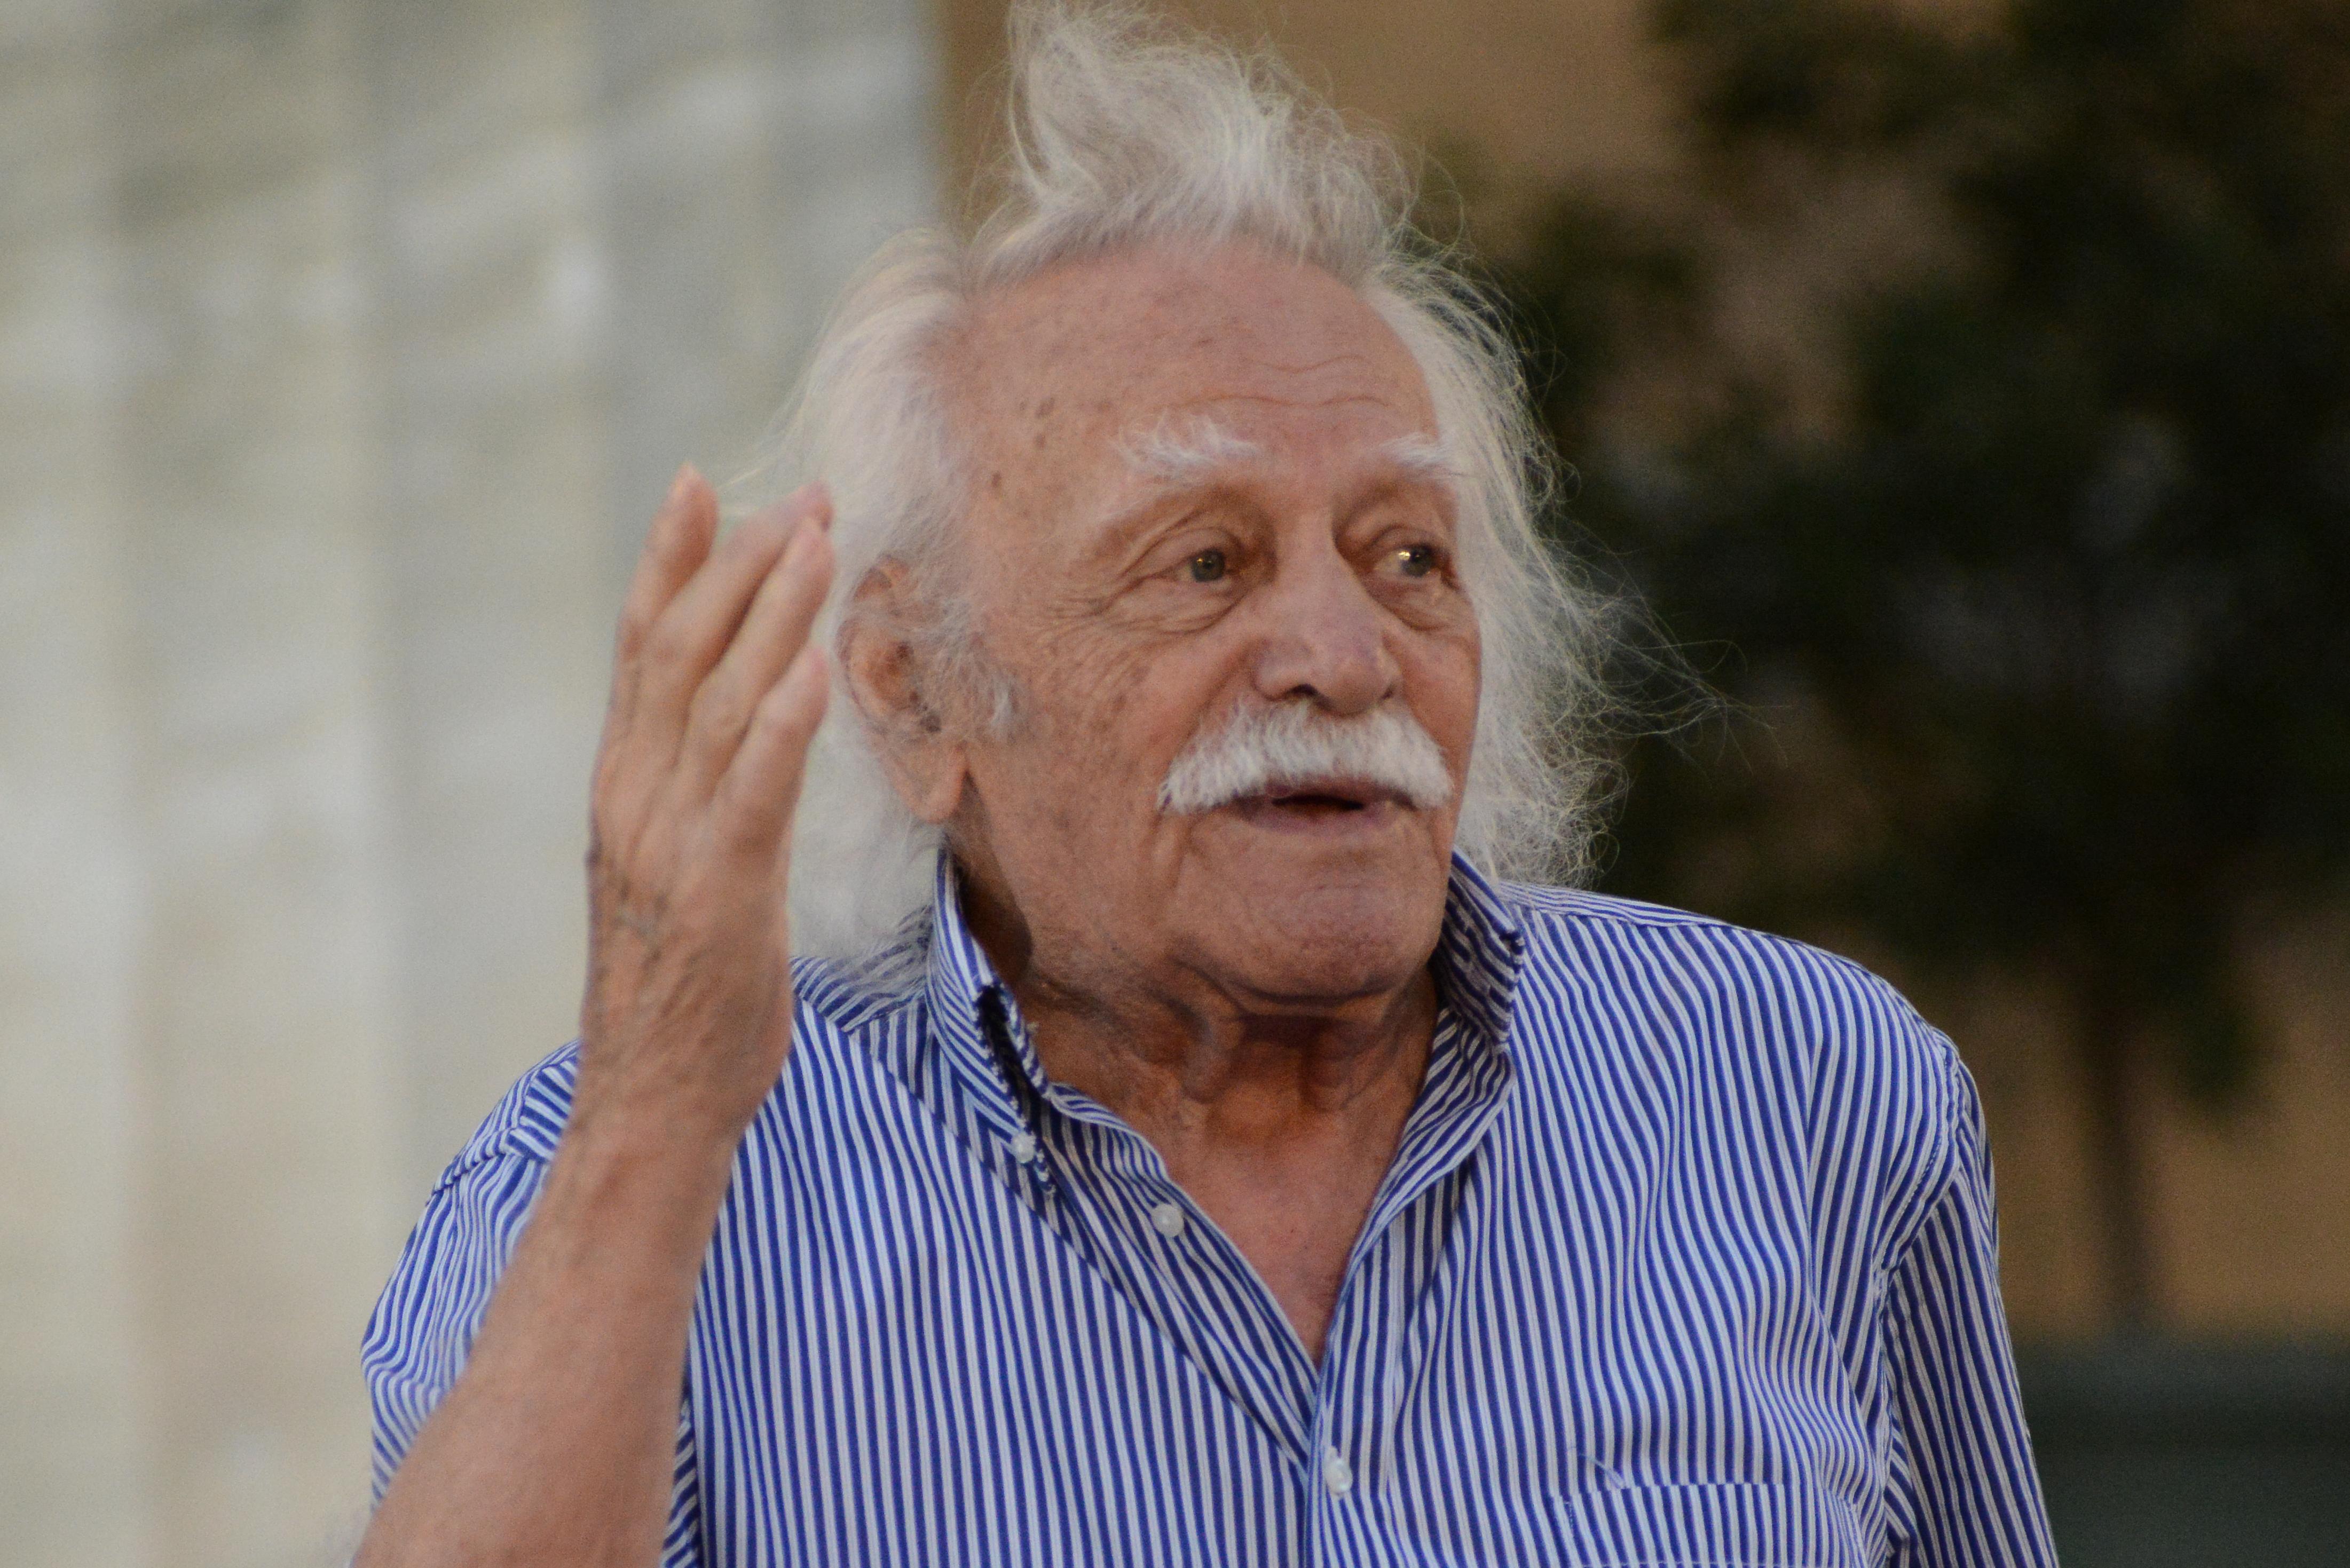 97 évesen meghalt a görög ellenállás legismertebb alakja, Manolis Glezos